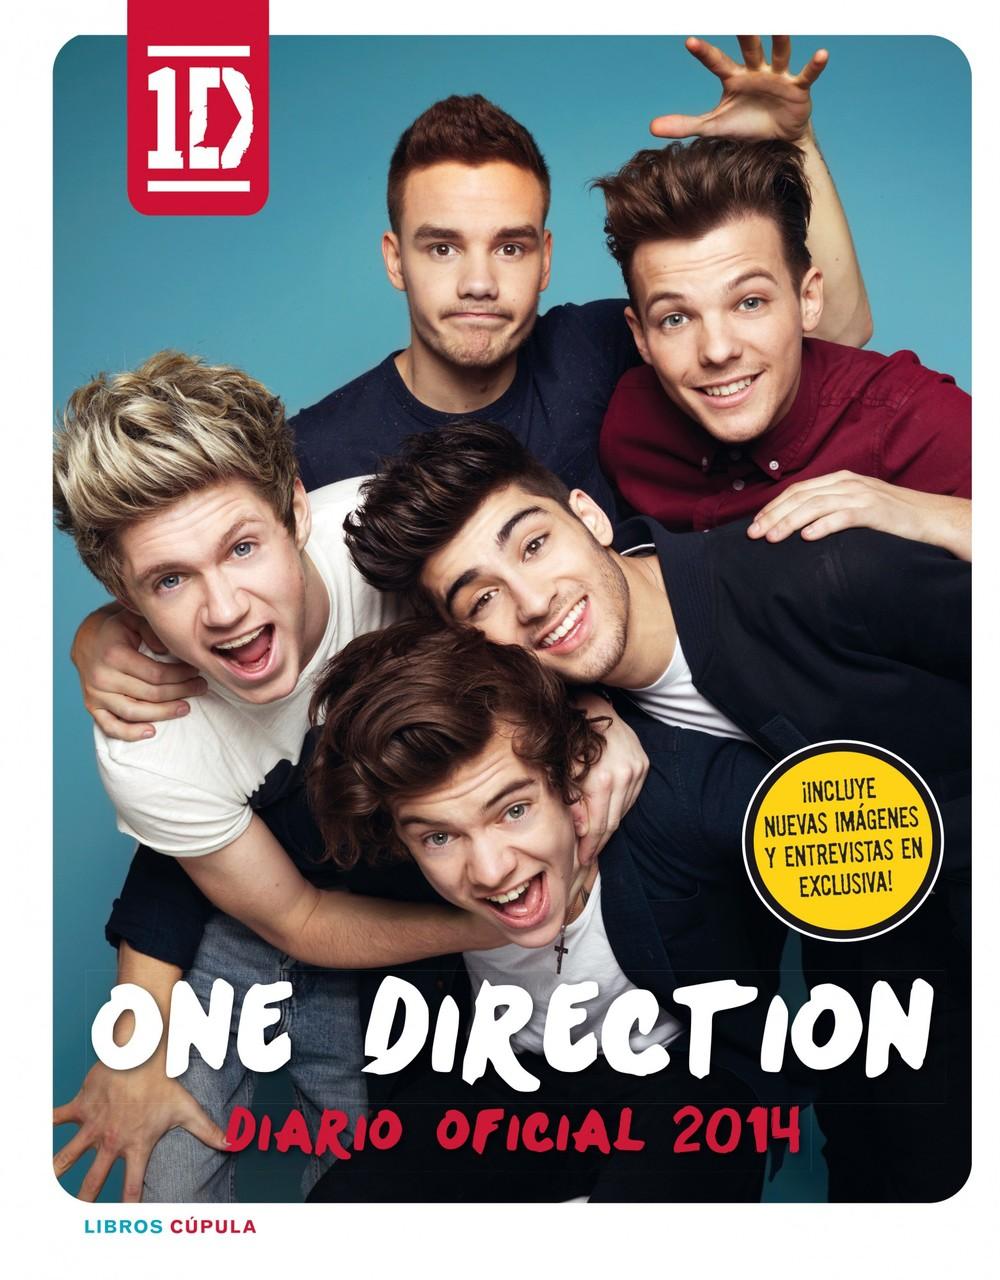 ¿No puedes esperar al final del concurso?  Puedes comprar aquí el Diario Oficial 2014 de One Direction.